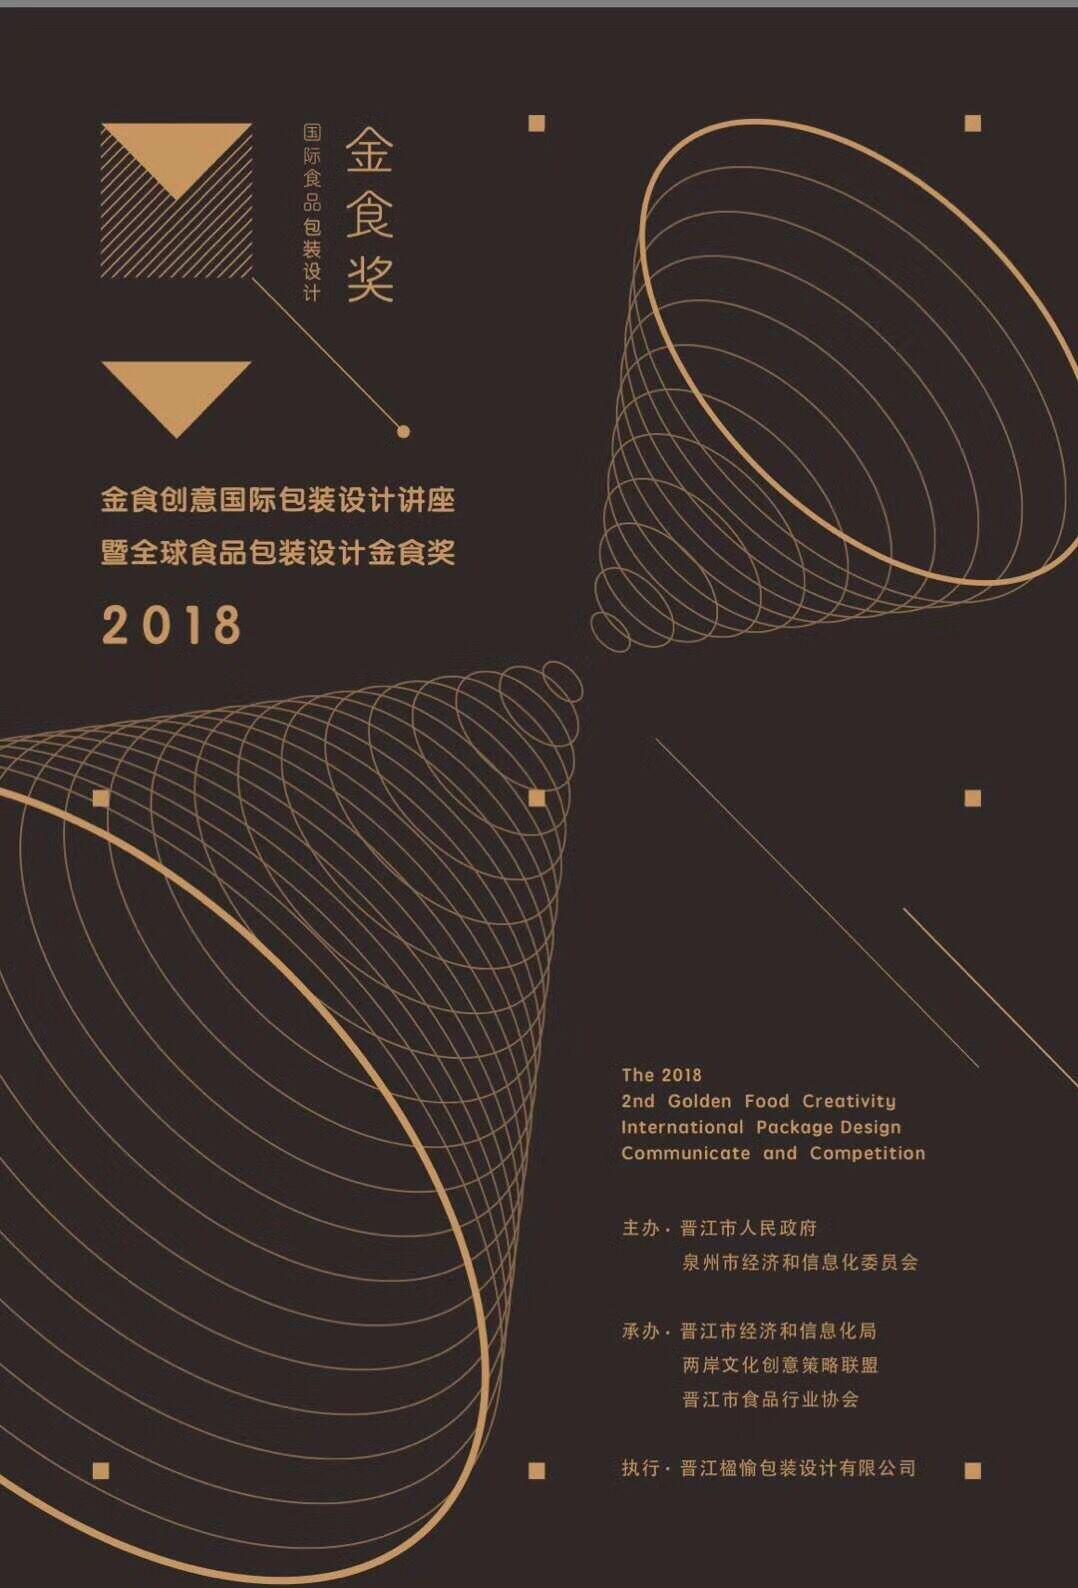 2018年第二屆「金食獎」國際食品包裝設計大賽